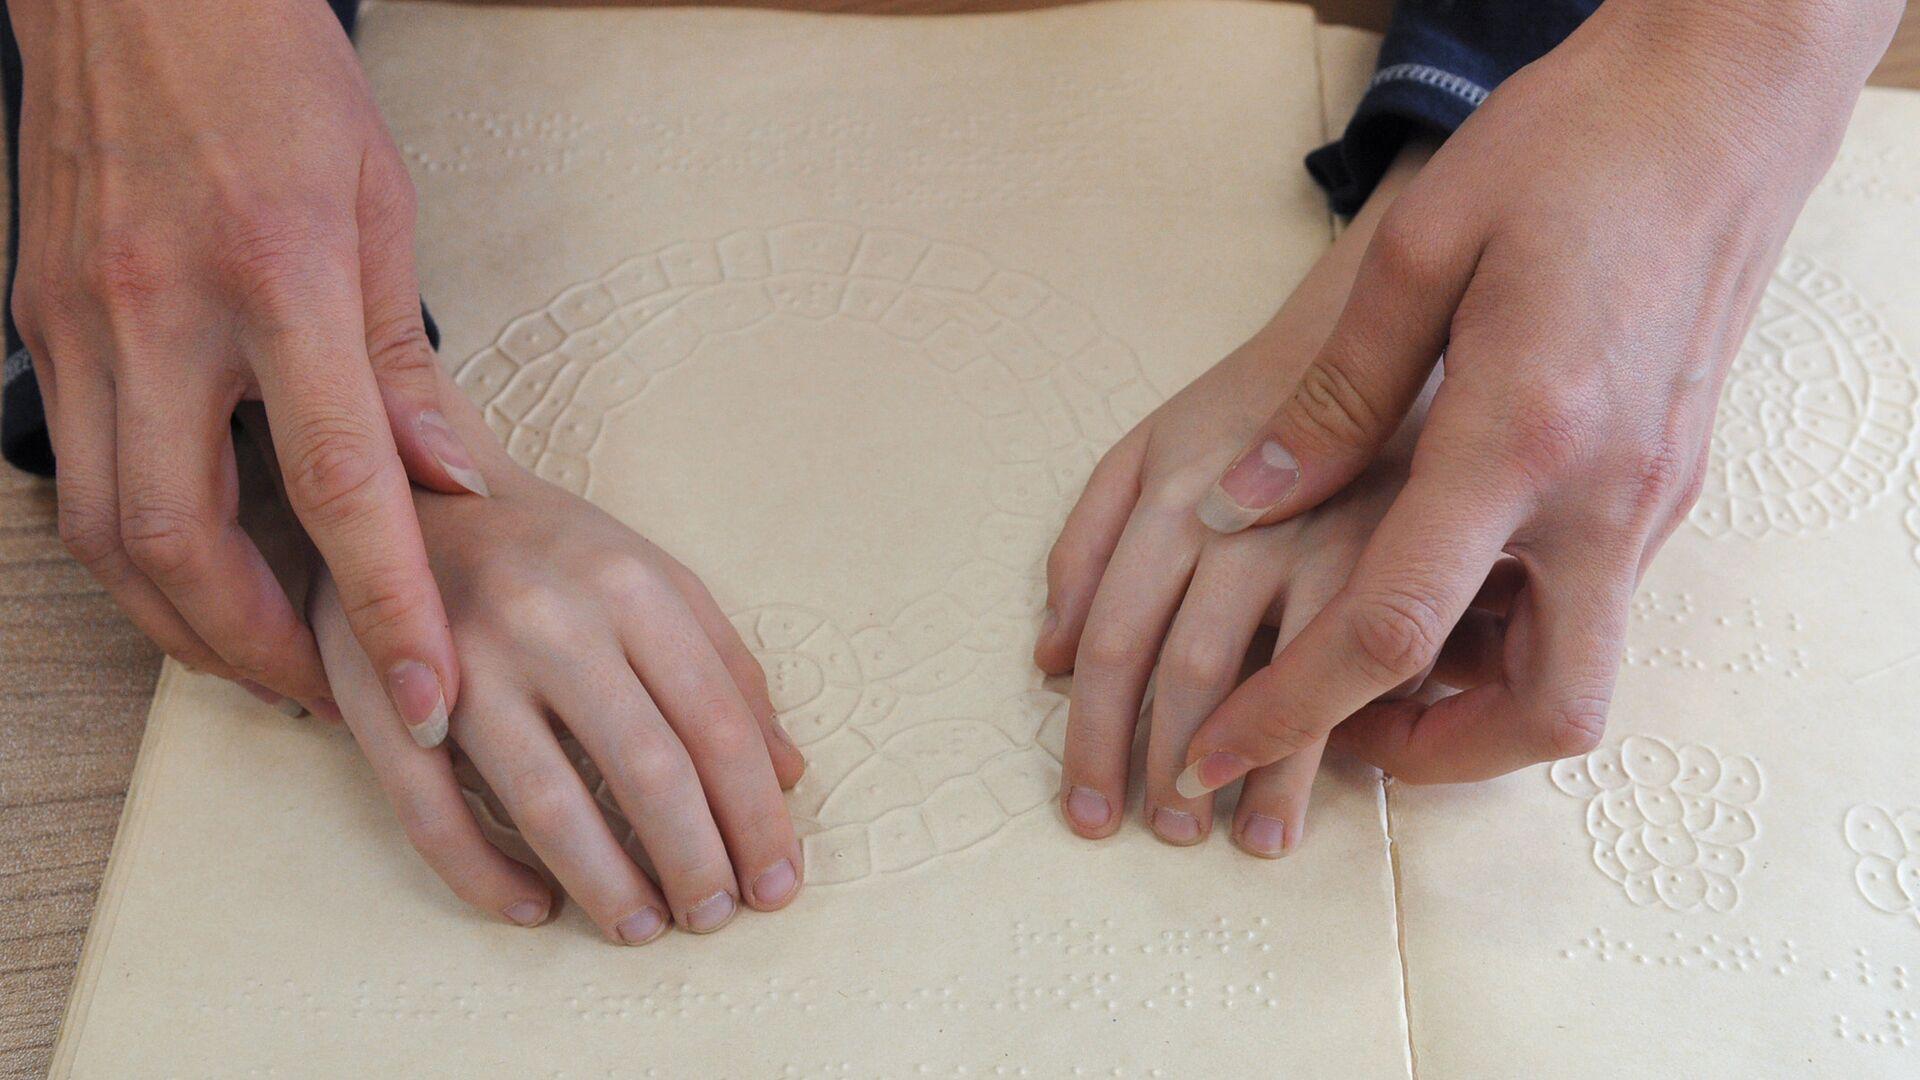 Работа специализированной школы для слепых и слабовидящих детей в Челябинске - РИА Новости, 1920, 04.01.2021